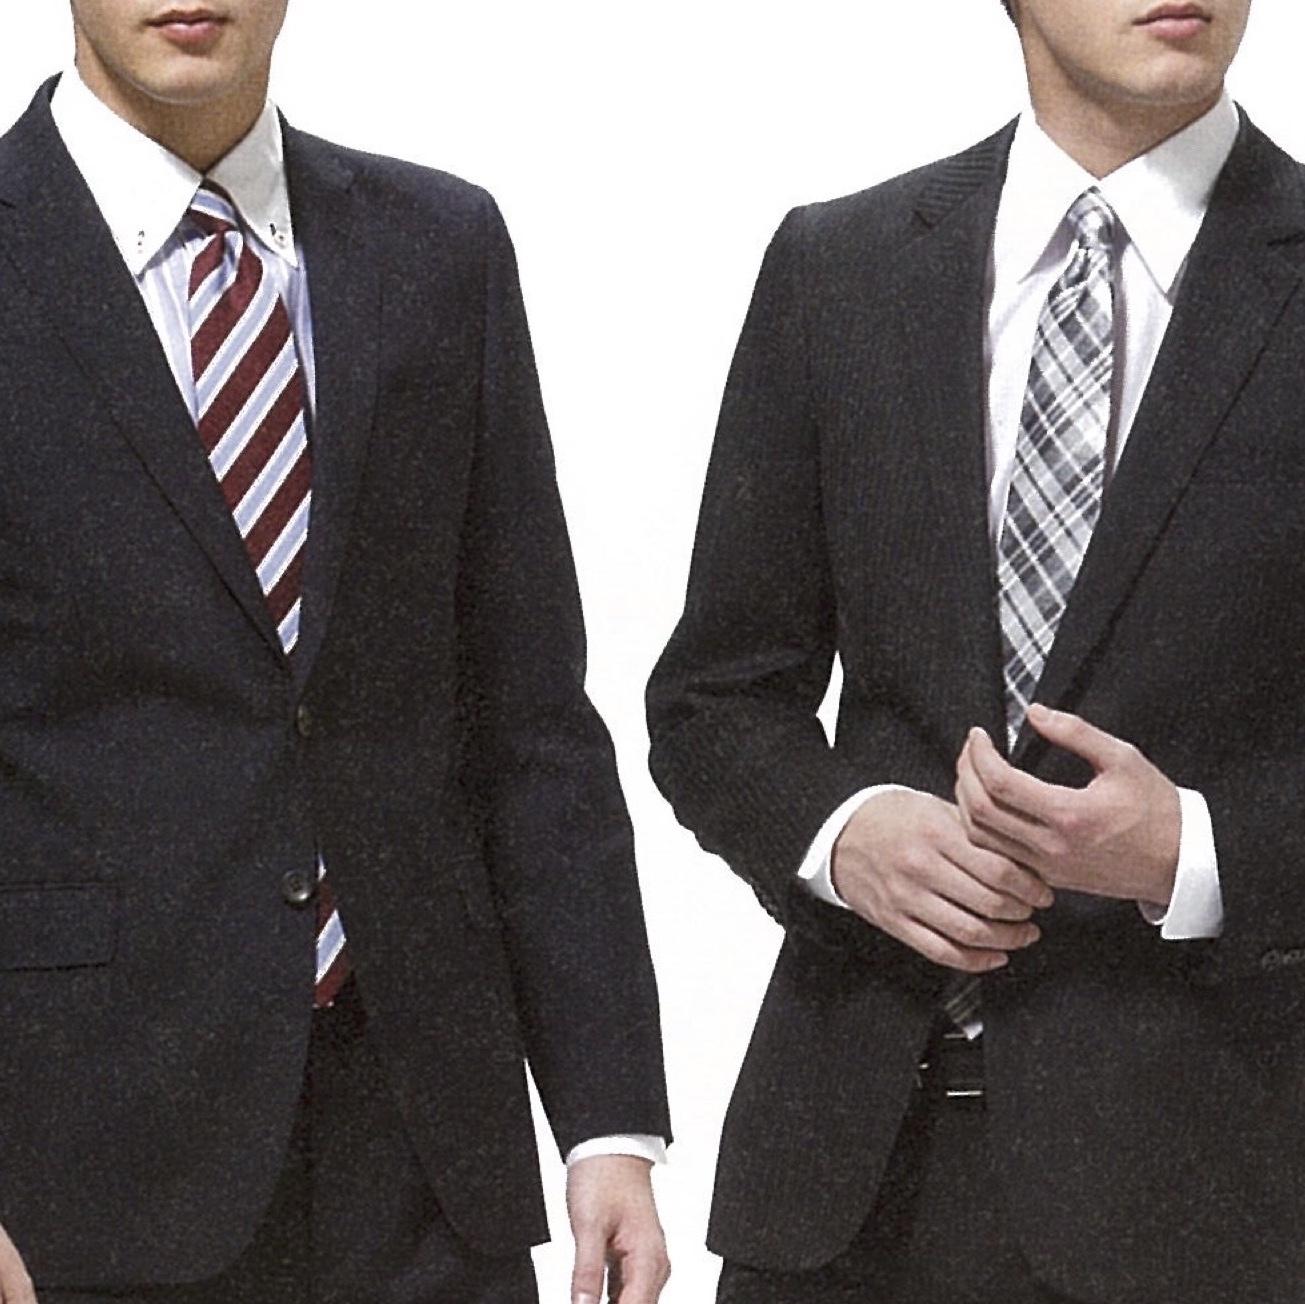 就活に適した色は? 生地は? 襟の形は?【はじめてのスーツ選び(2)】